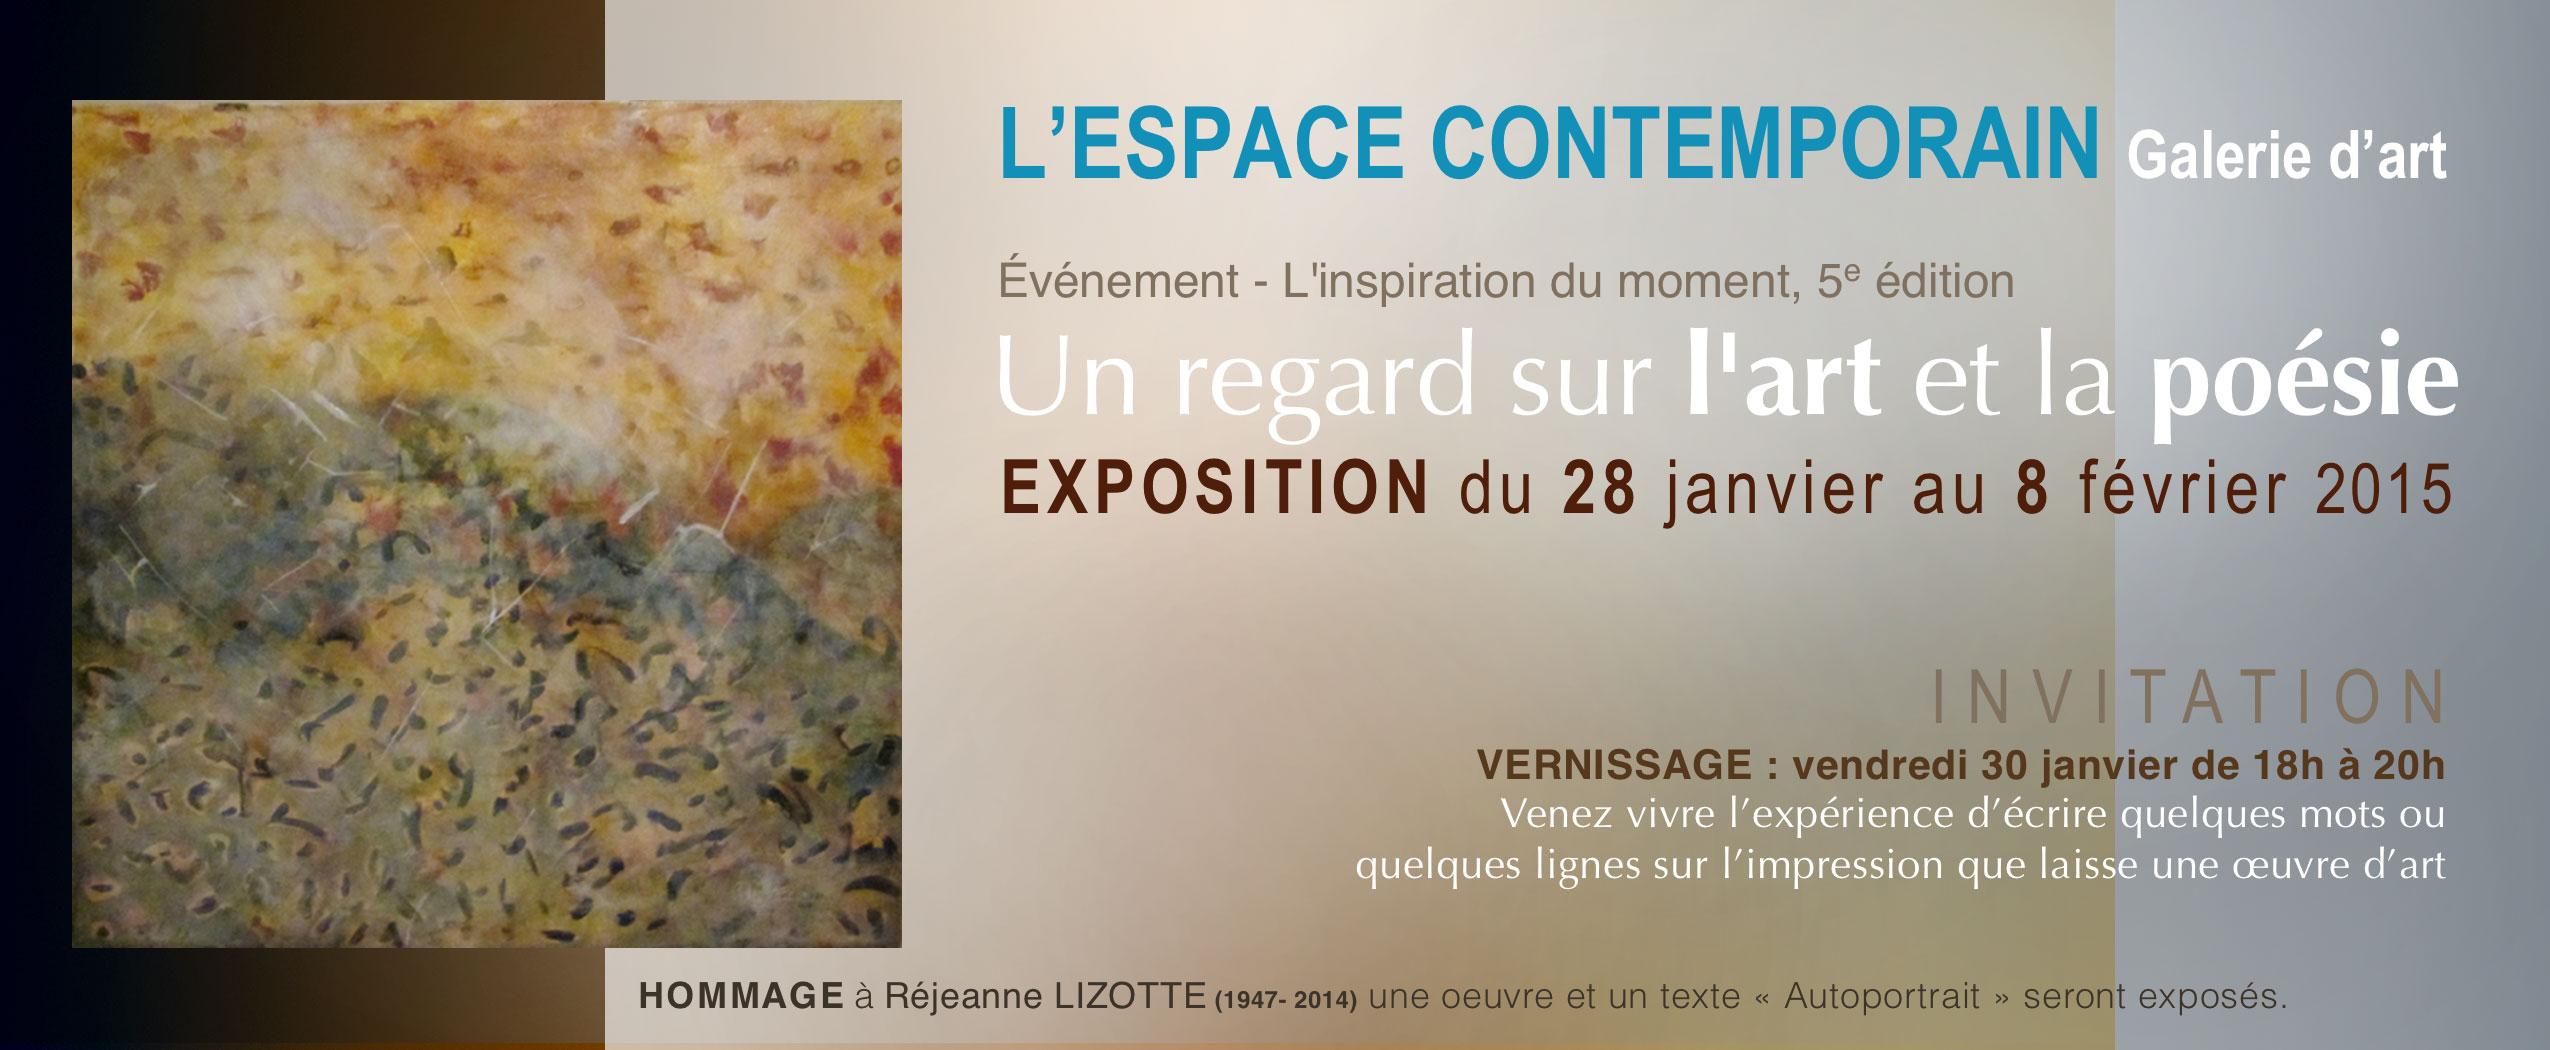 L'espase contemporain - galerie d'art de Montréal